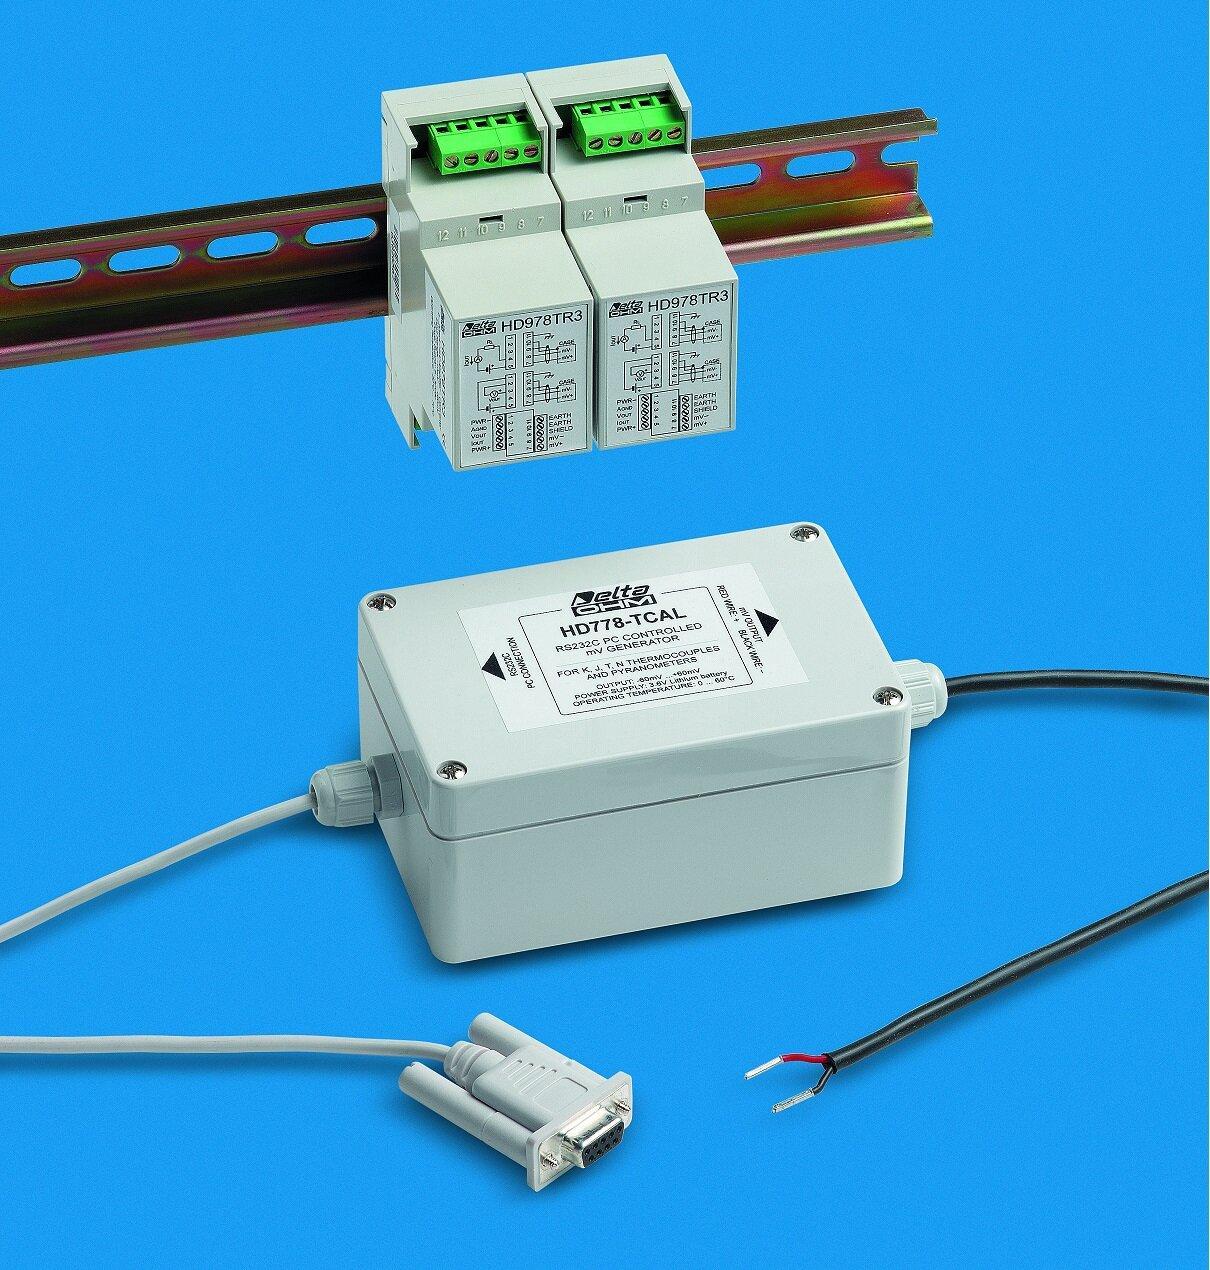 Конвертери-підсилювачі сигналу типу HD-978 з виходом 4-20мА та 0-10В